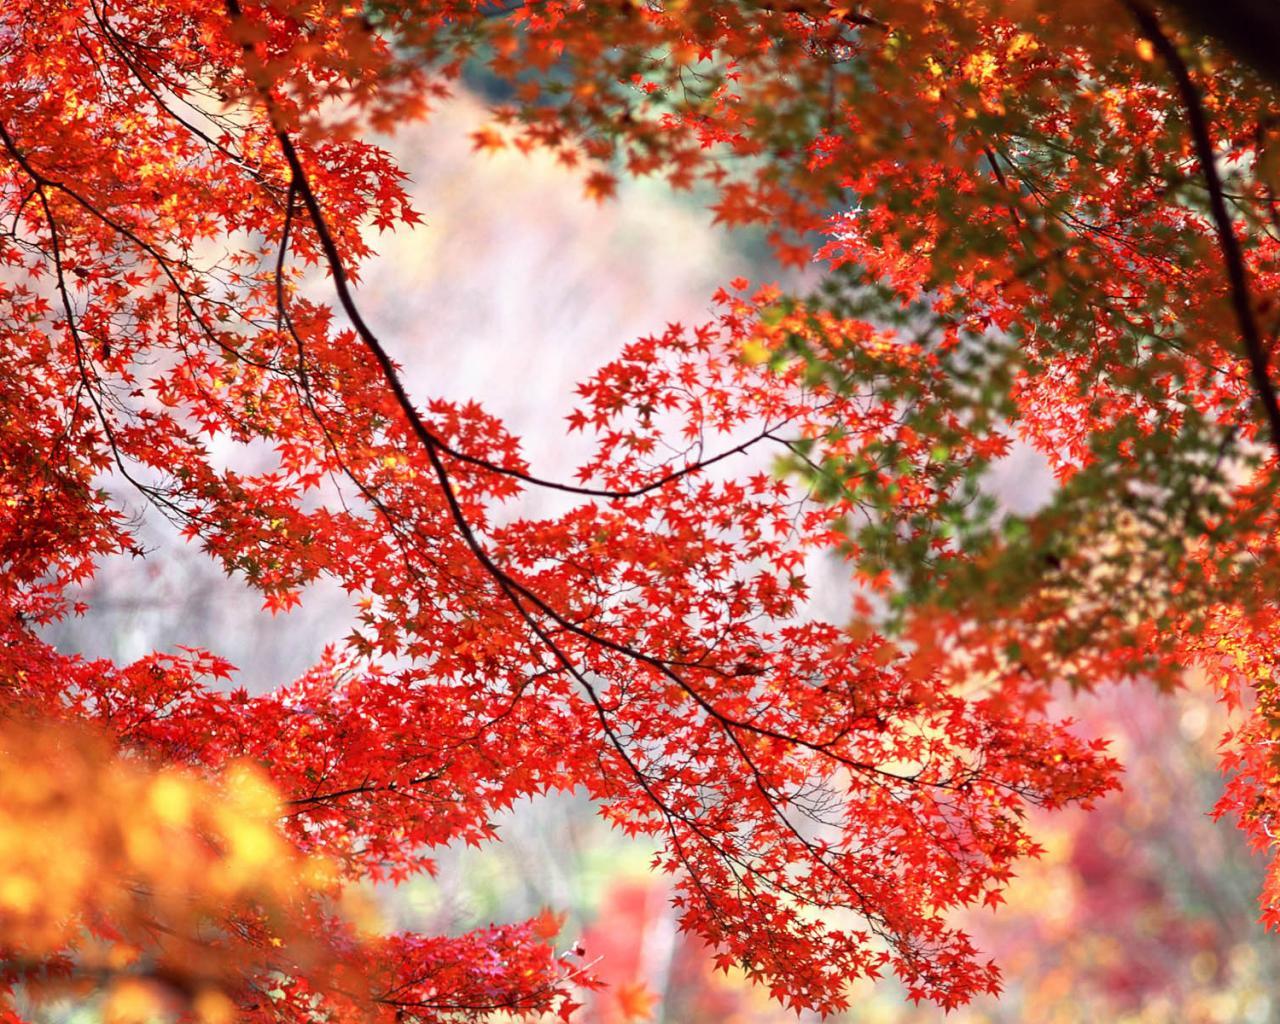 Оранжевые деревья ветки осень 1280x1024